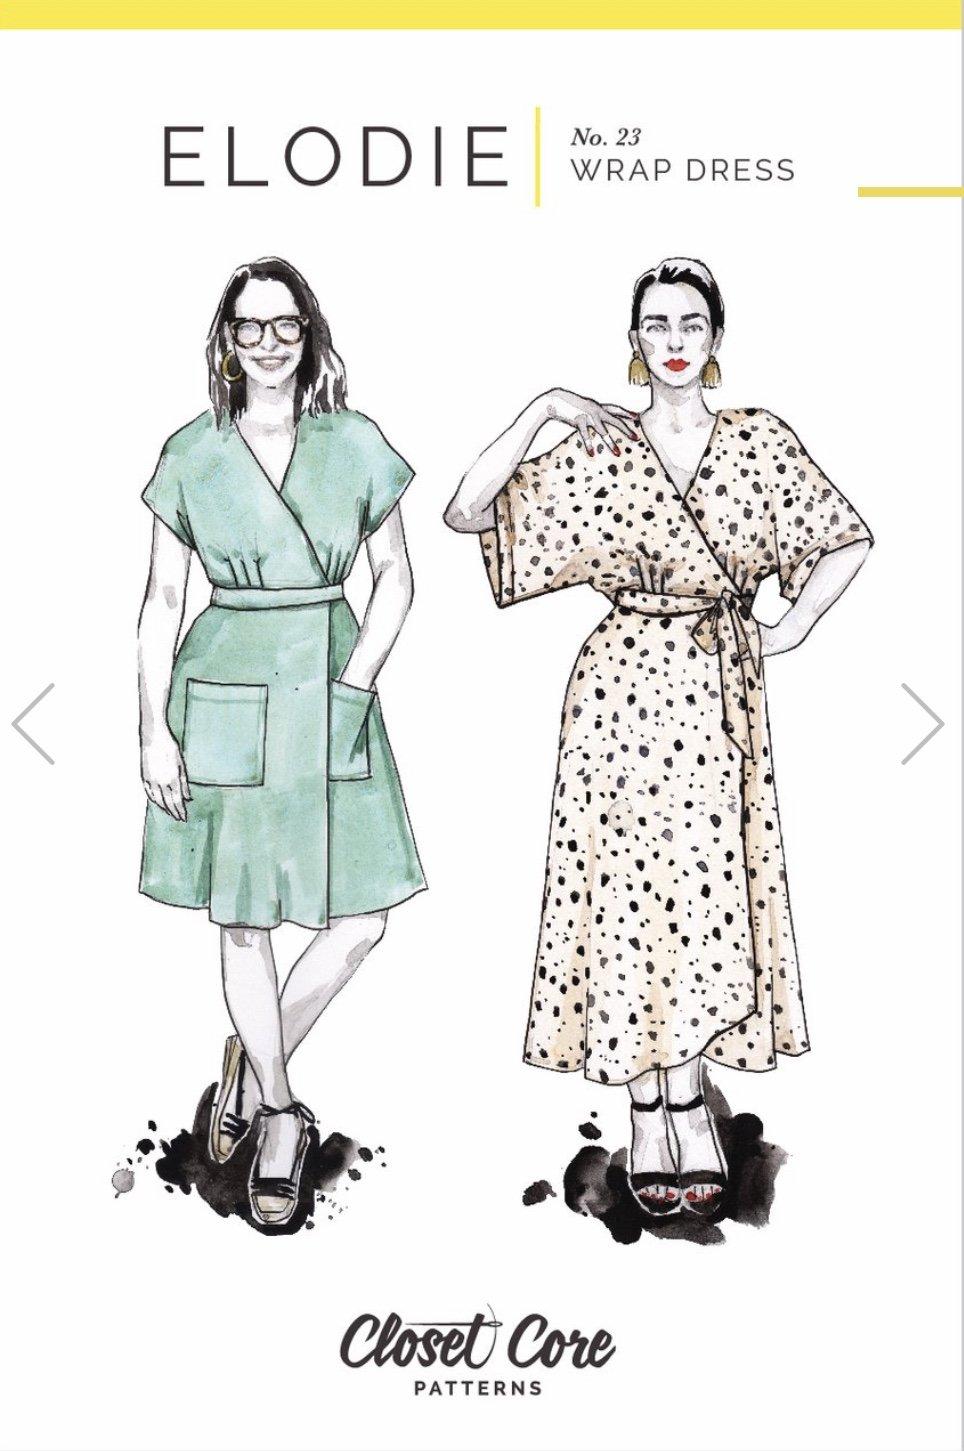 Closet Core Patterns - Eloide Wrap Dress Pattern